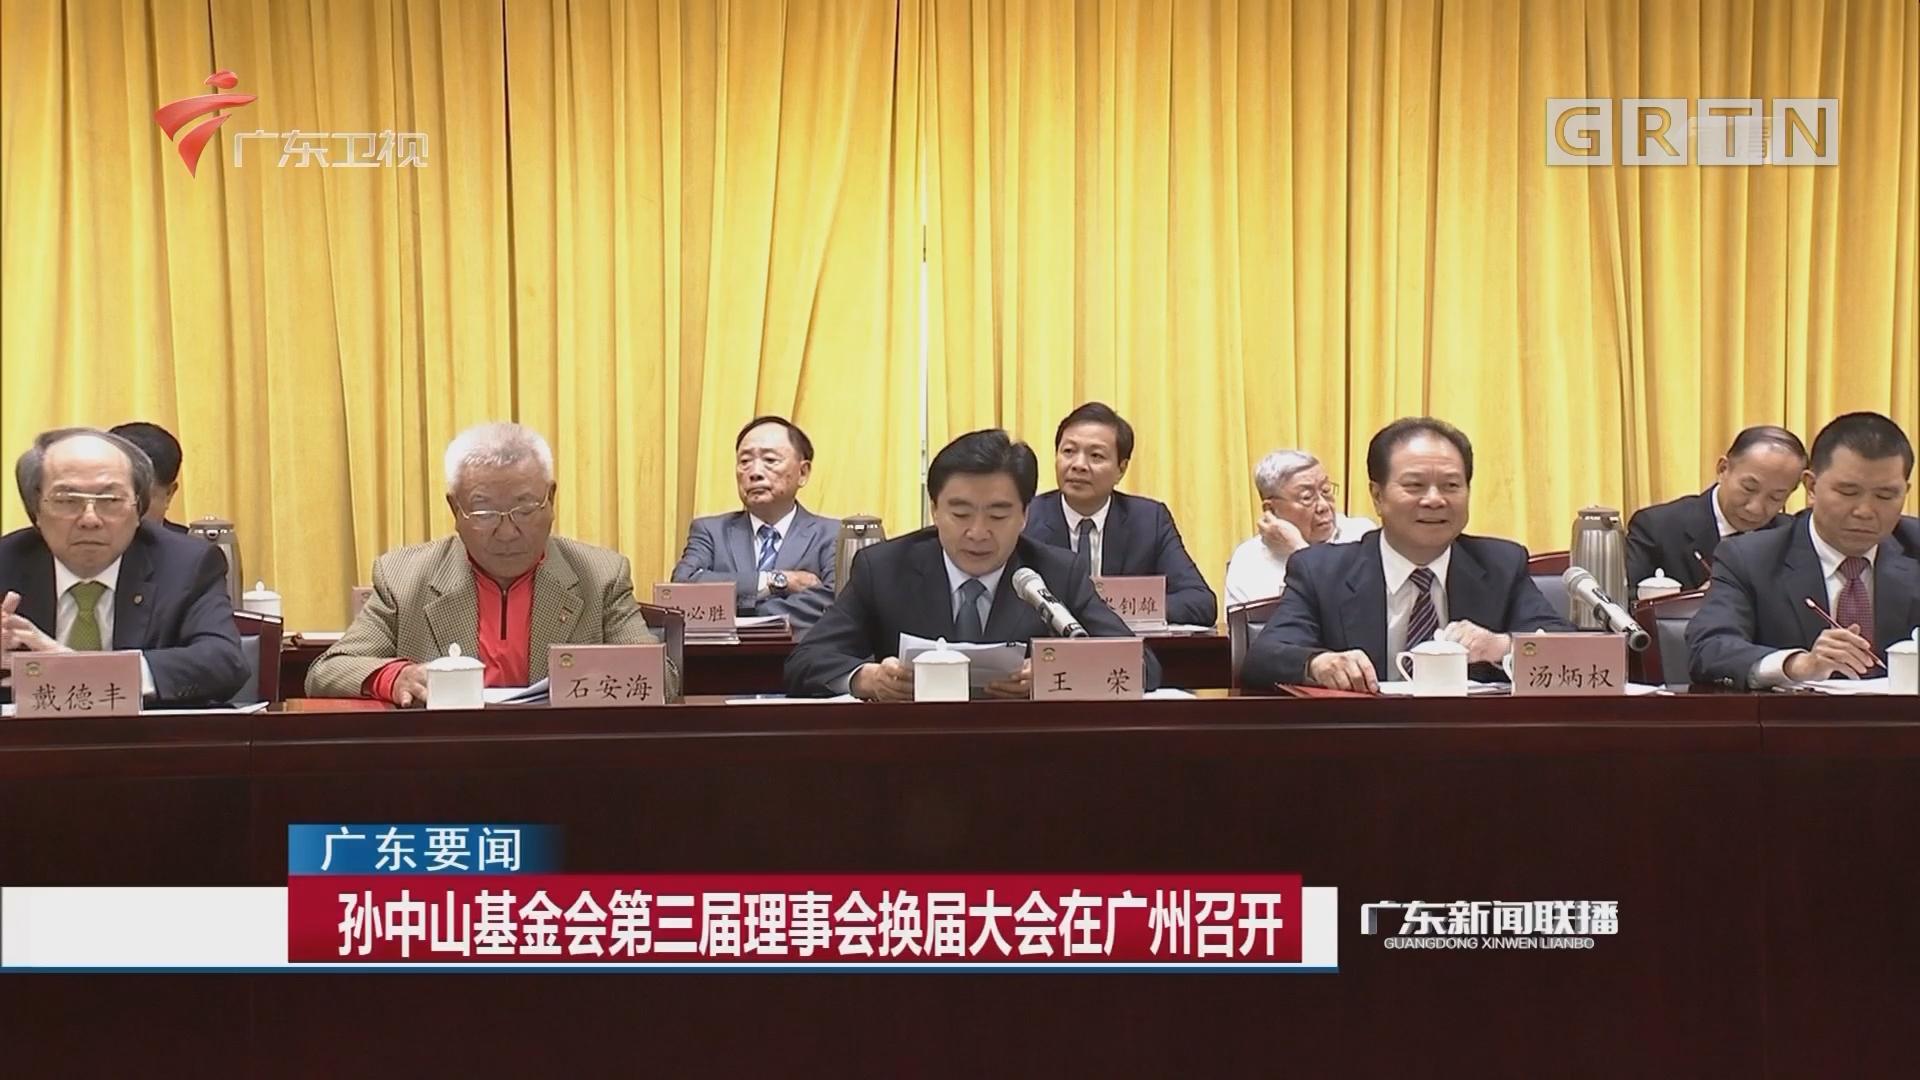 孙中山基金会第三届理事会换届大会在广州召开